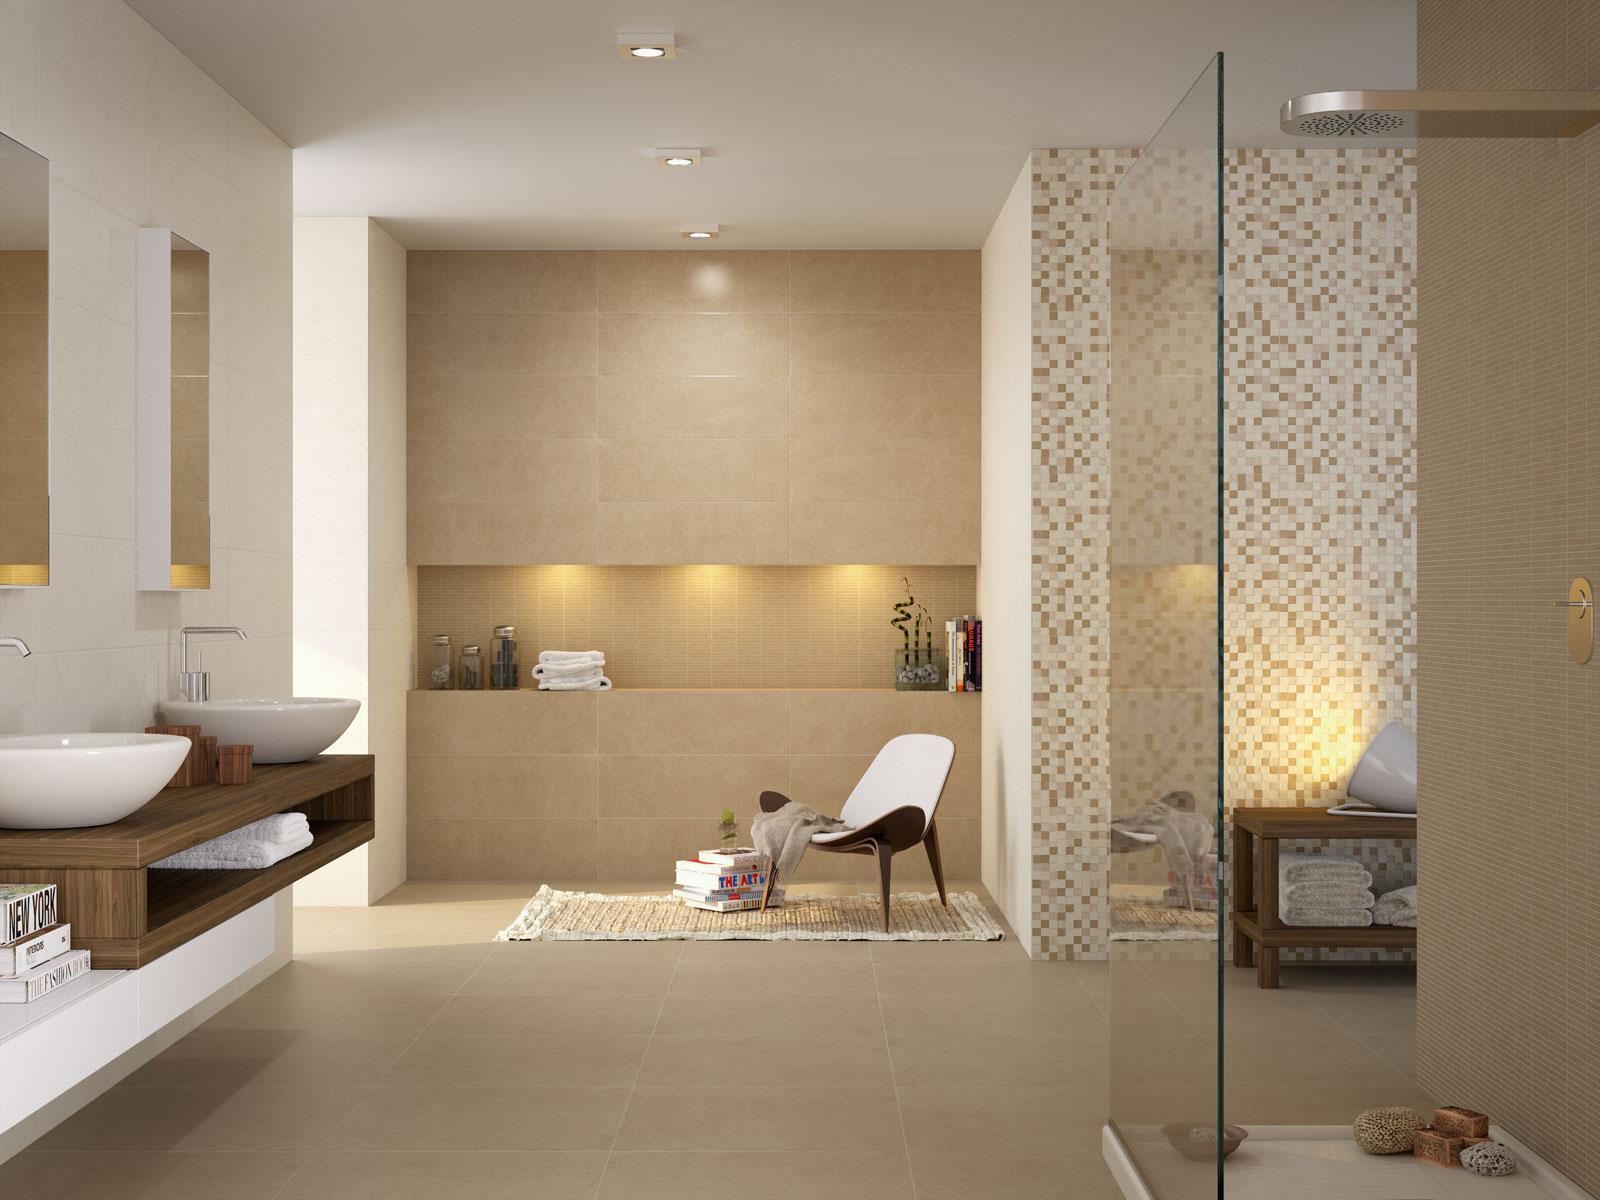 Zenith piastrelle effetto marmo marazzi - Bagno effetto marmo ...